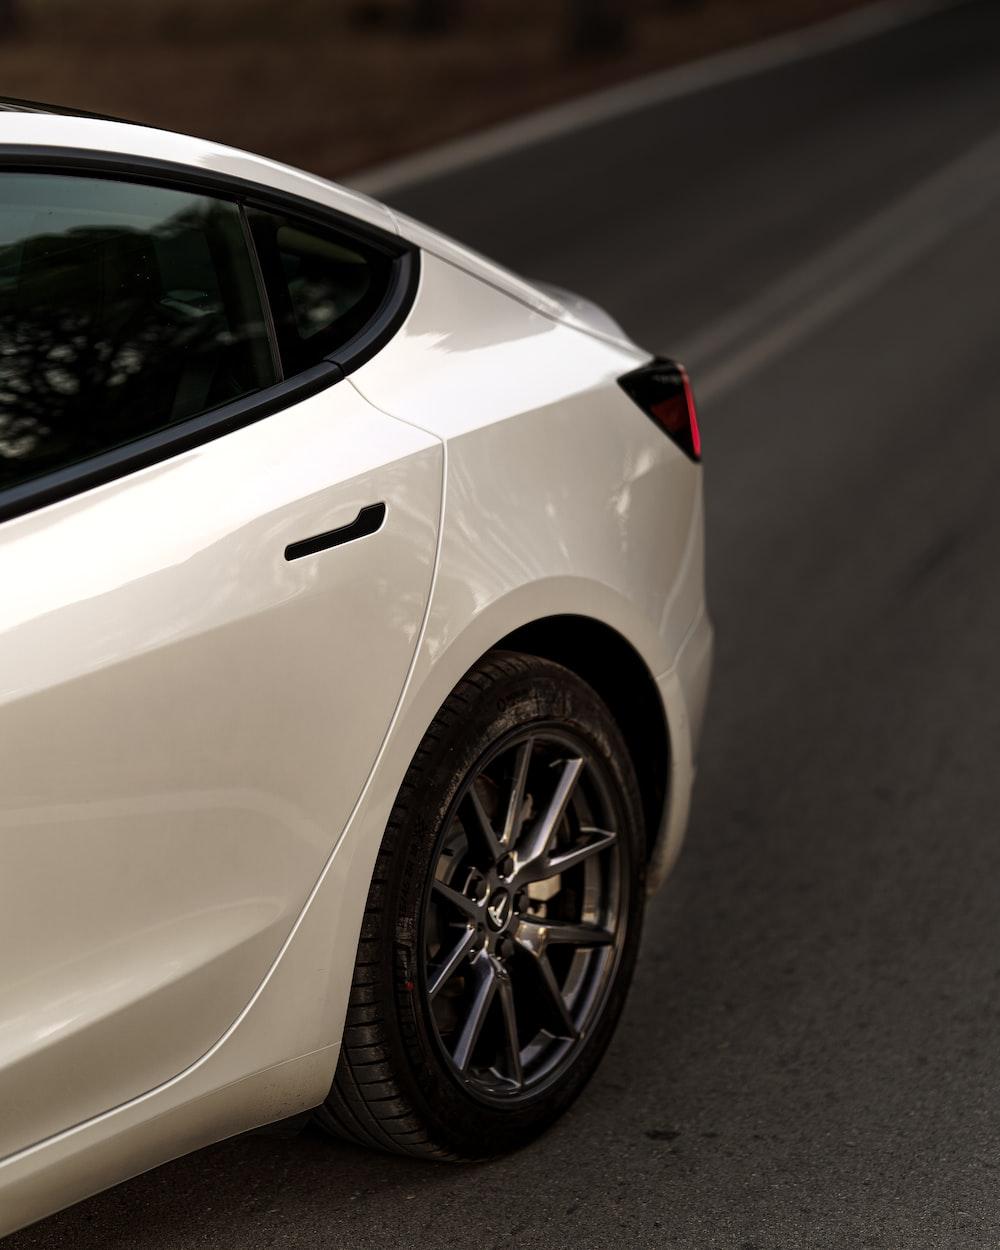 white car on gray asphalt road